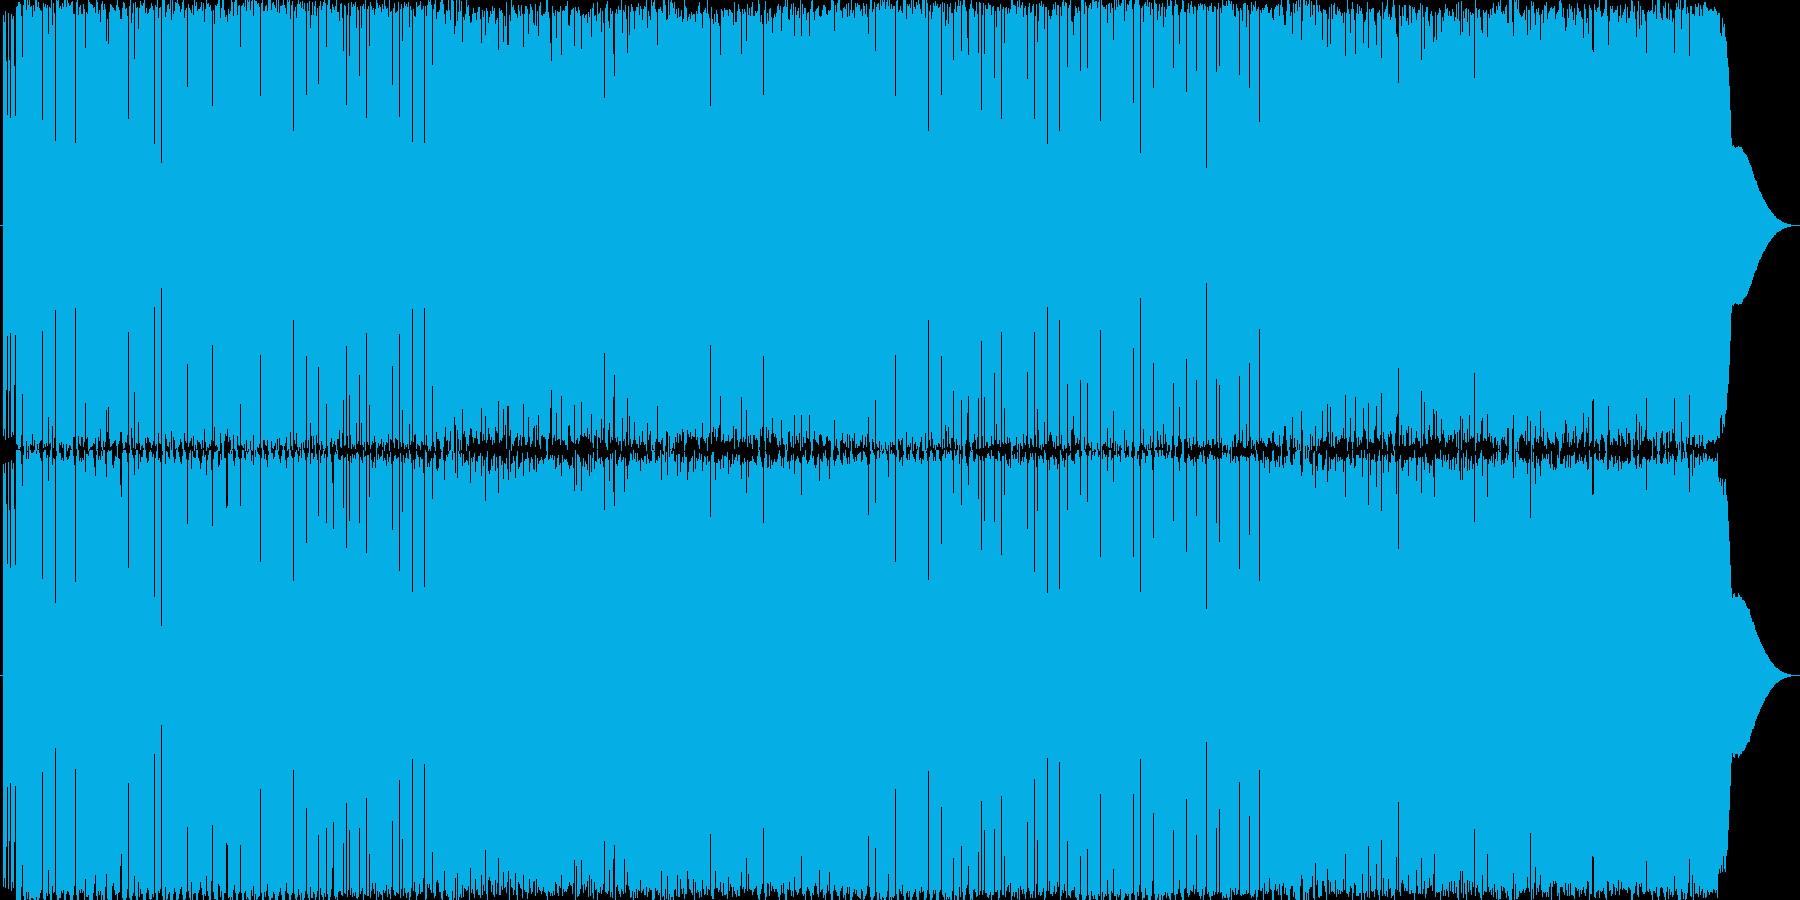 ロボットがダンスするエレクトロの再生済みの波形